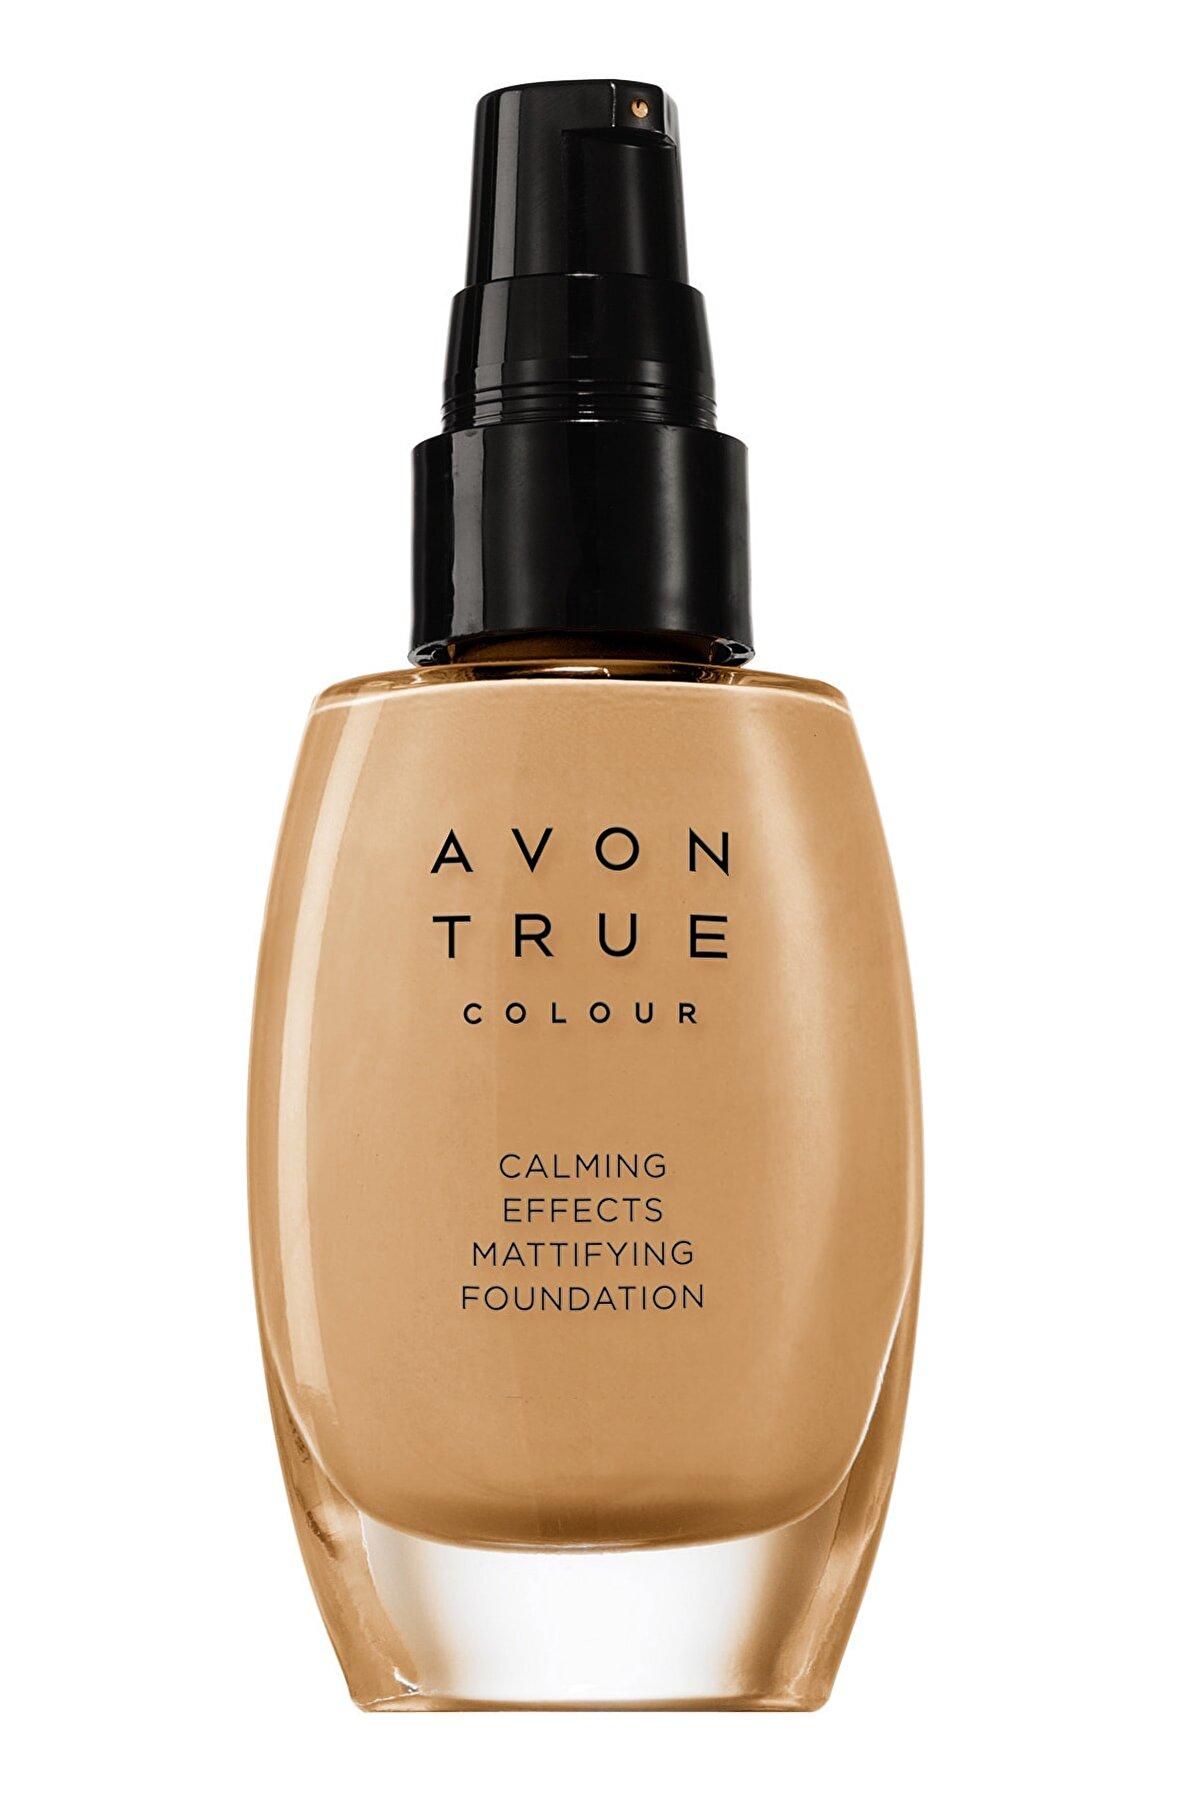 Avon Mat Fondöten - Calming Effects Foundation Cream 30 ml 8681298930044